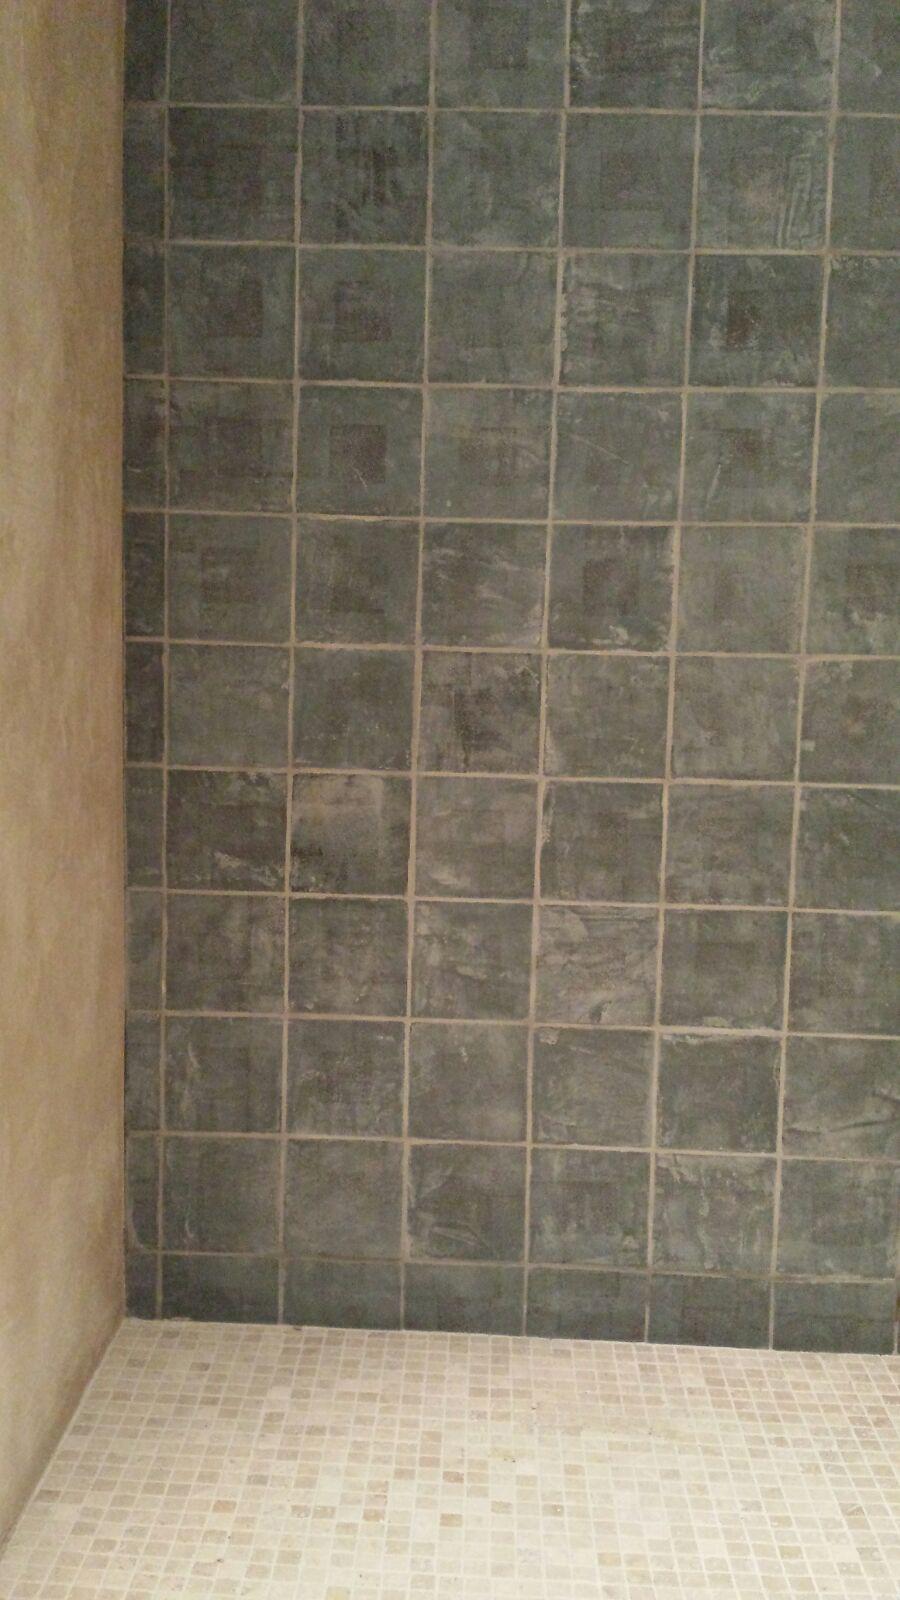 Carrelage motif sur mesure, fait main à la chaux avec impression 15x15 cm, douche